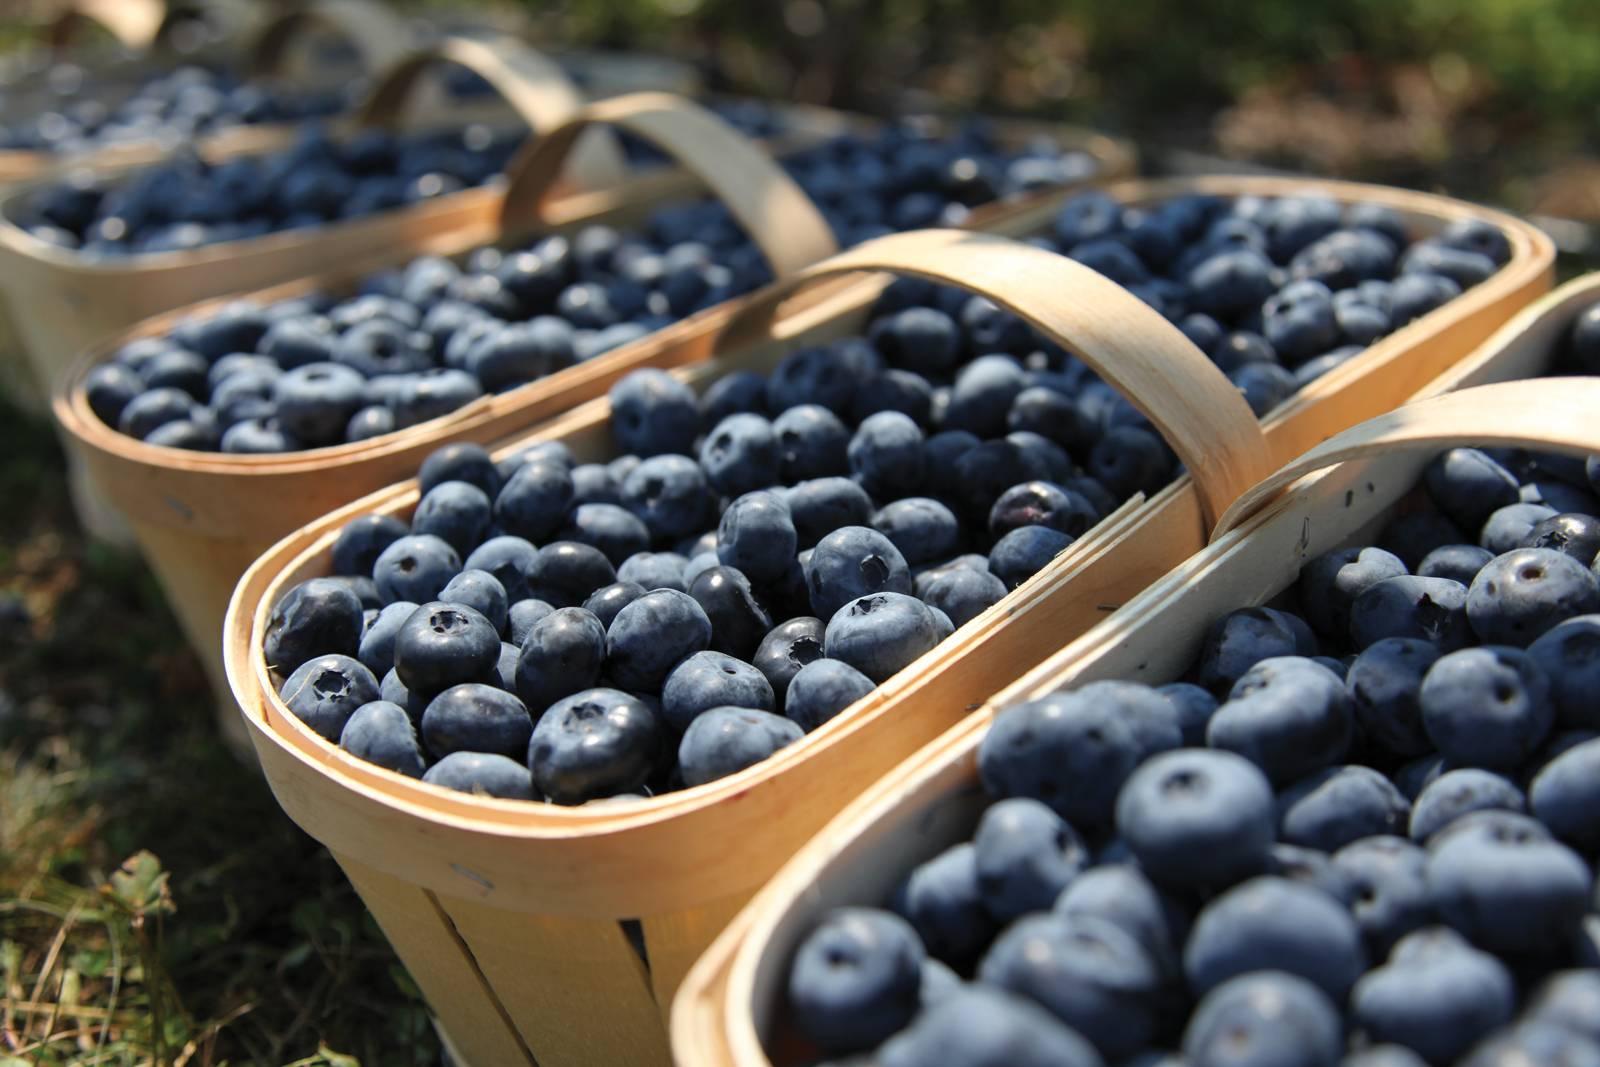 Голубика: польза и вред для организма, состав, рецепты